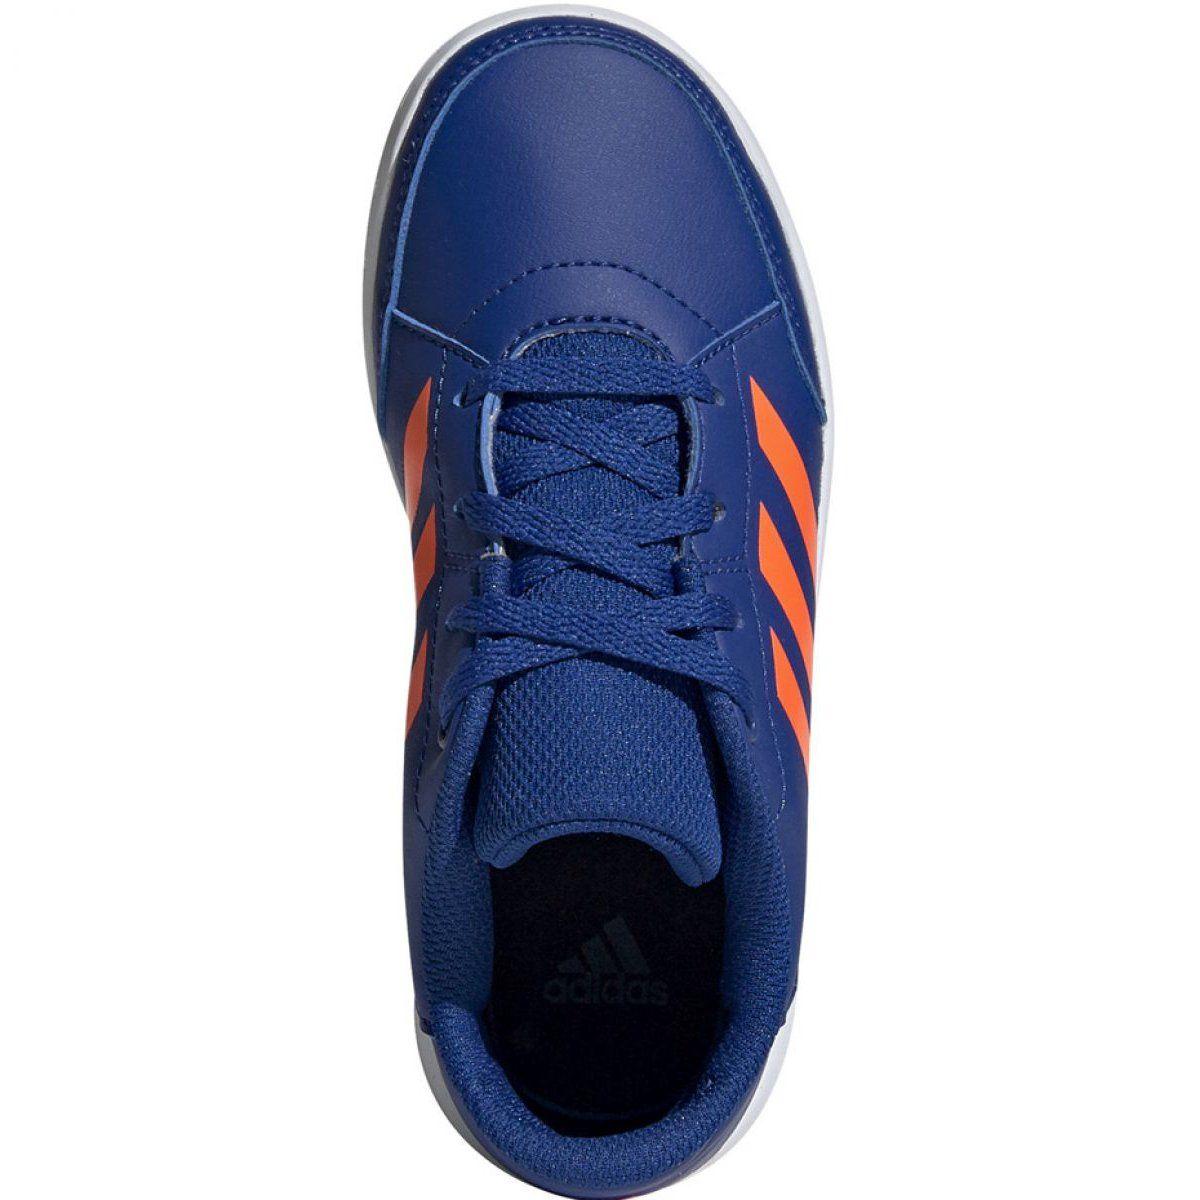 Adidas Altasport K Jr G27095 Shoes Blue Blue Shoes Shoes Sports Shoes Adidas